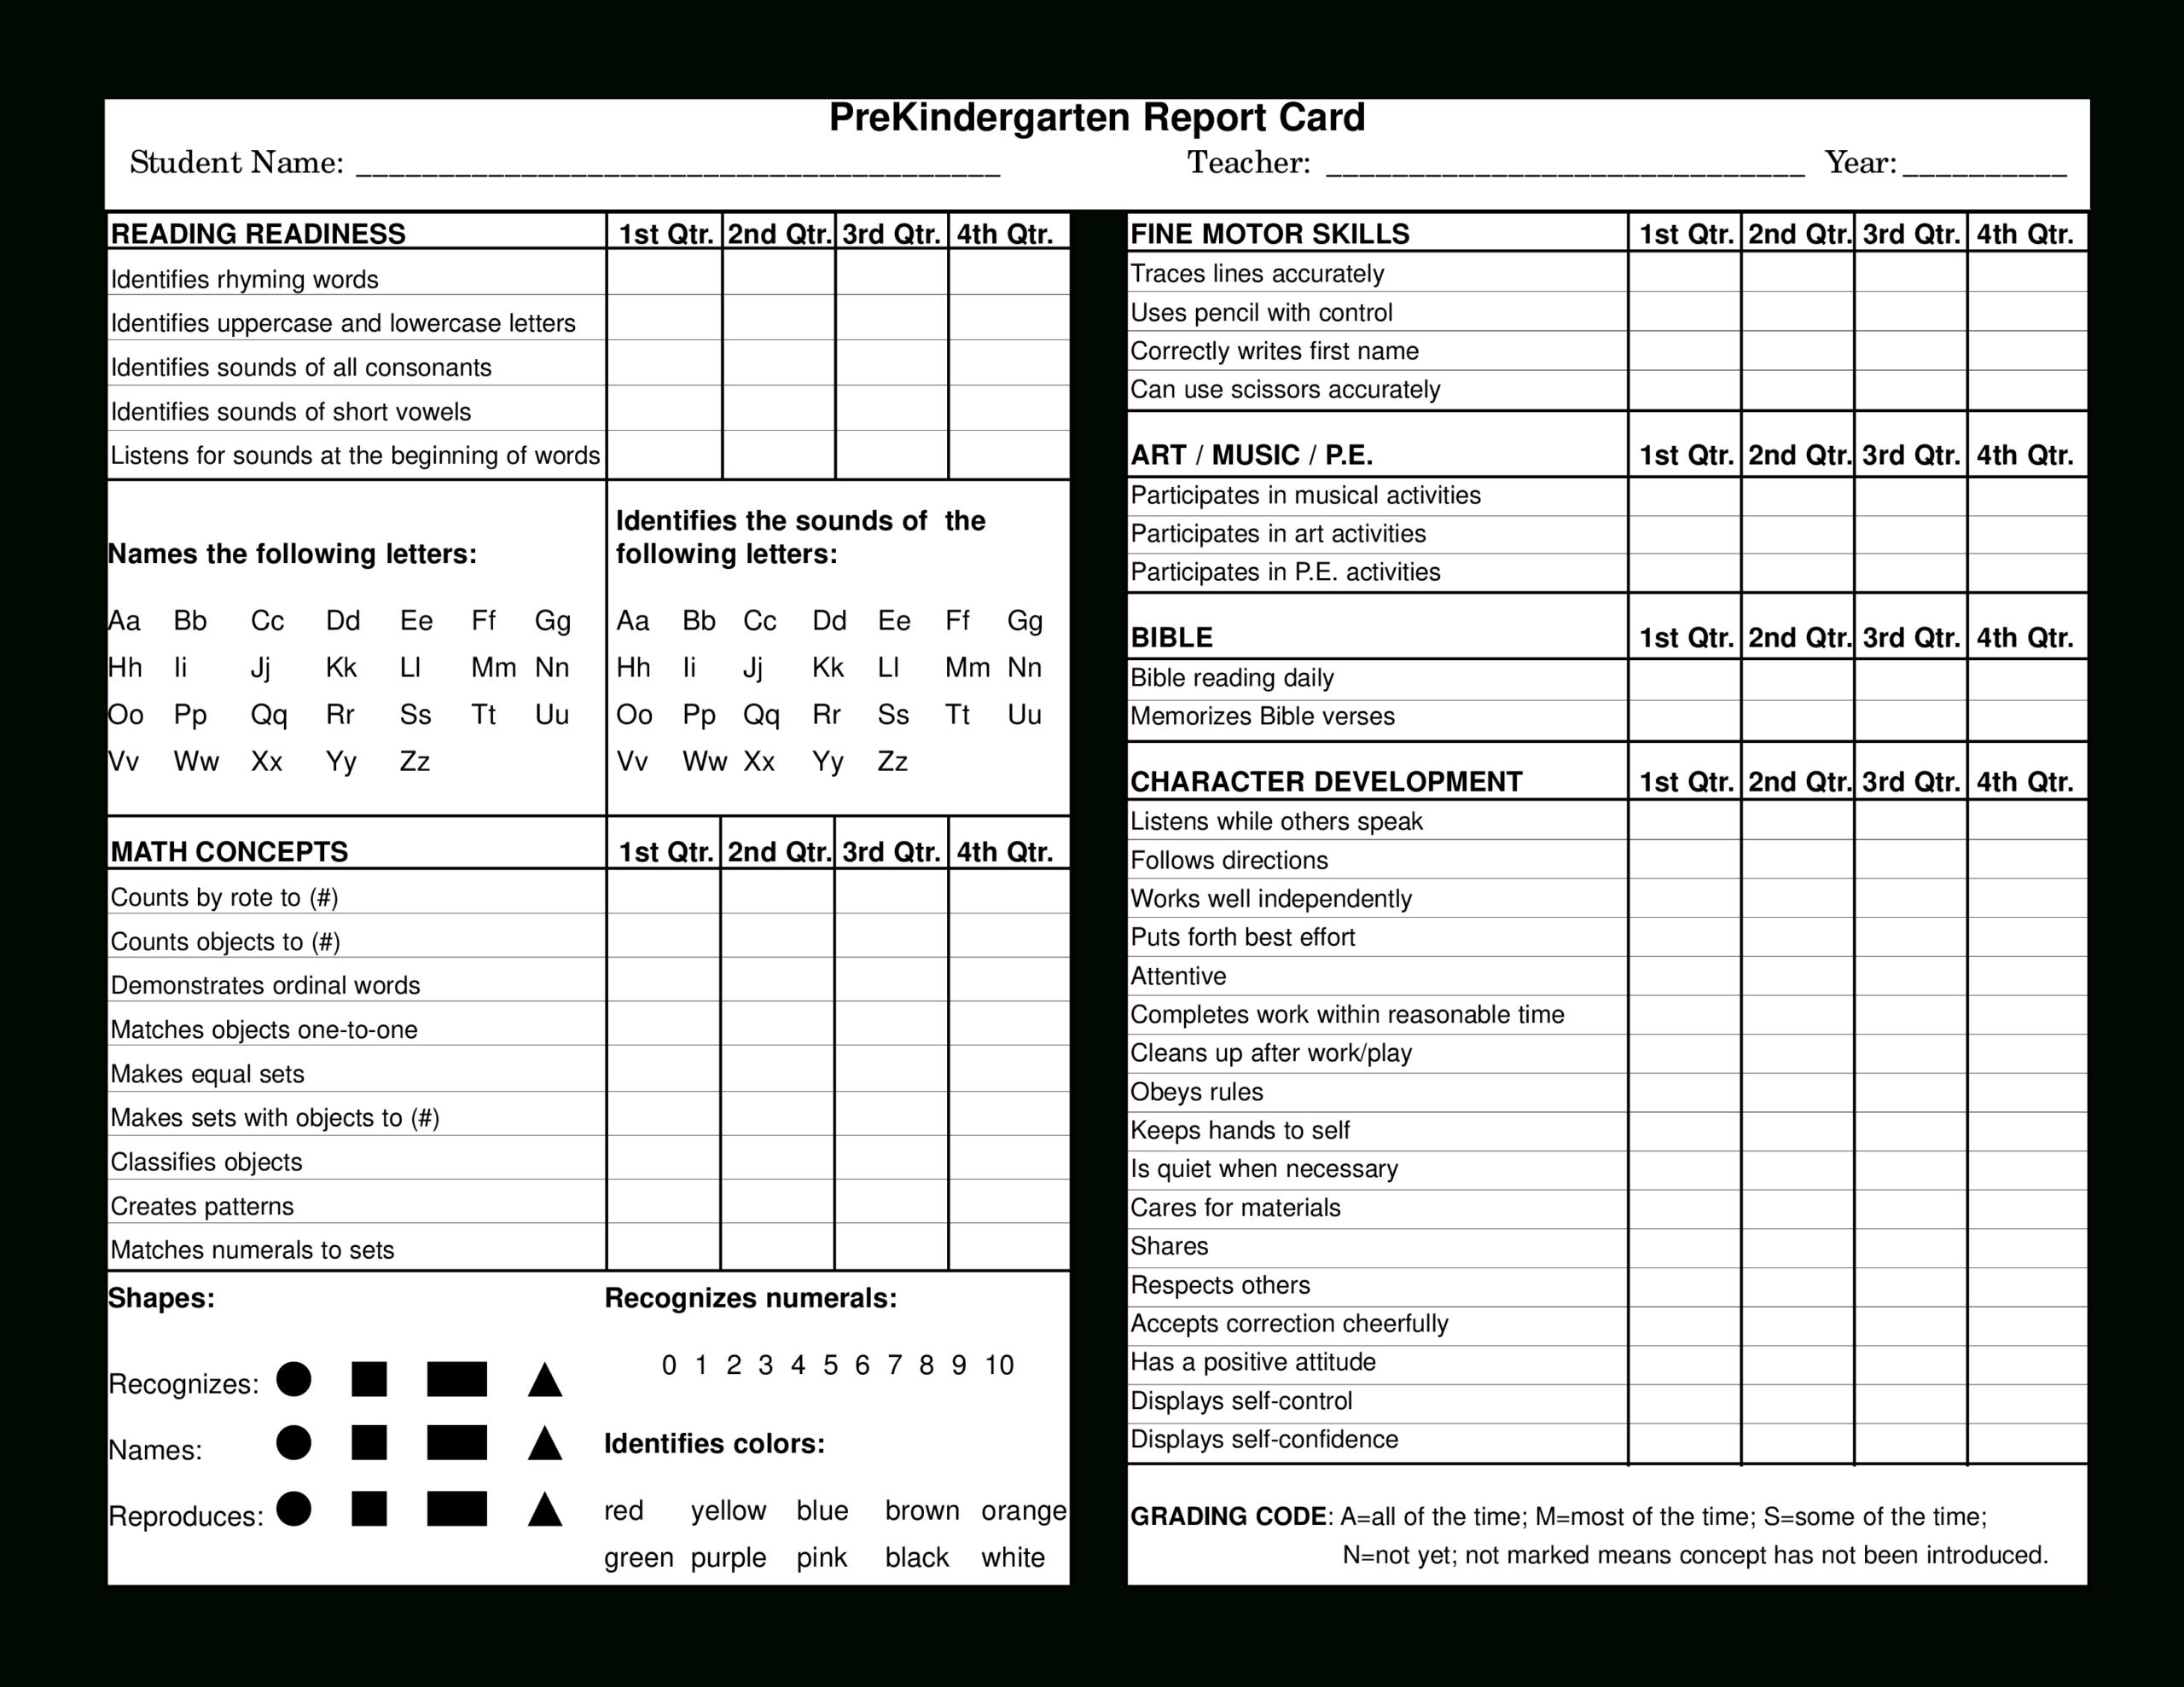 Preschool Report Card   Templates At Allbusinesstemplates Within Report Card Template Pdf